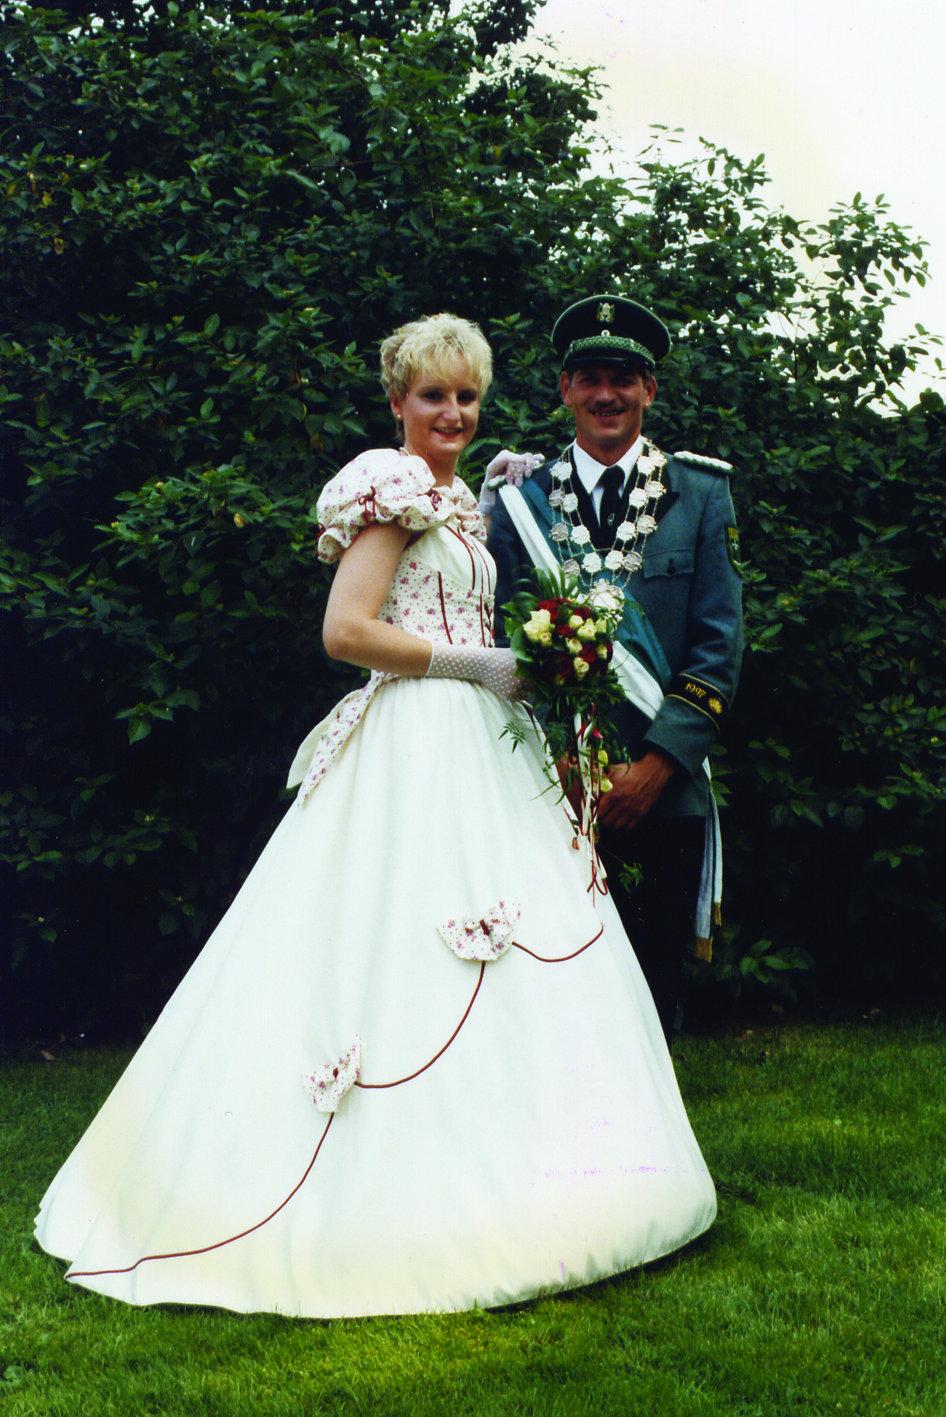 Königspaar 1997 Alois und Birgit Niggemeier 20 Jahre